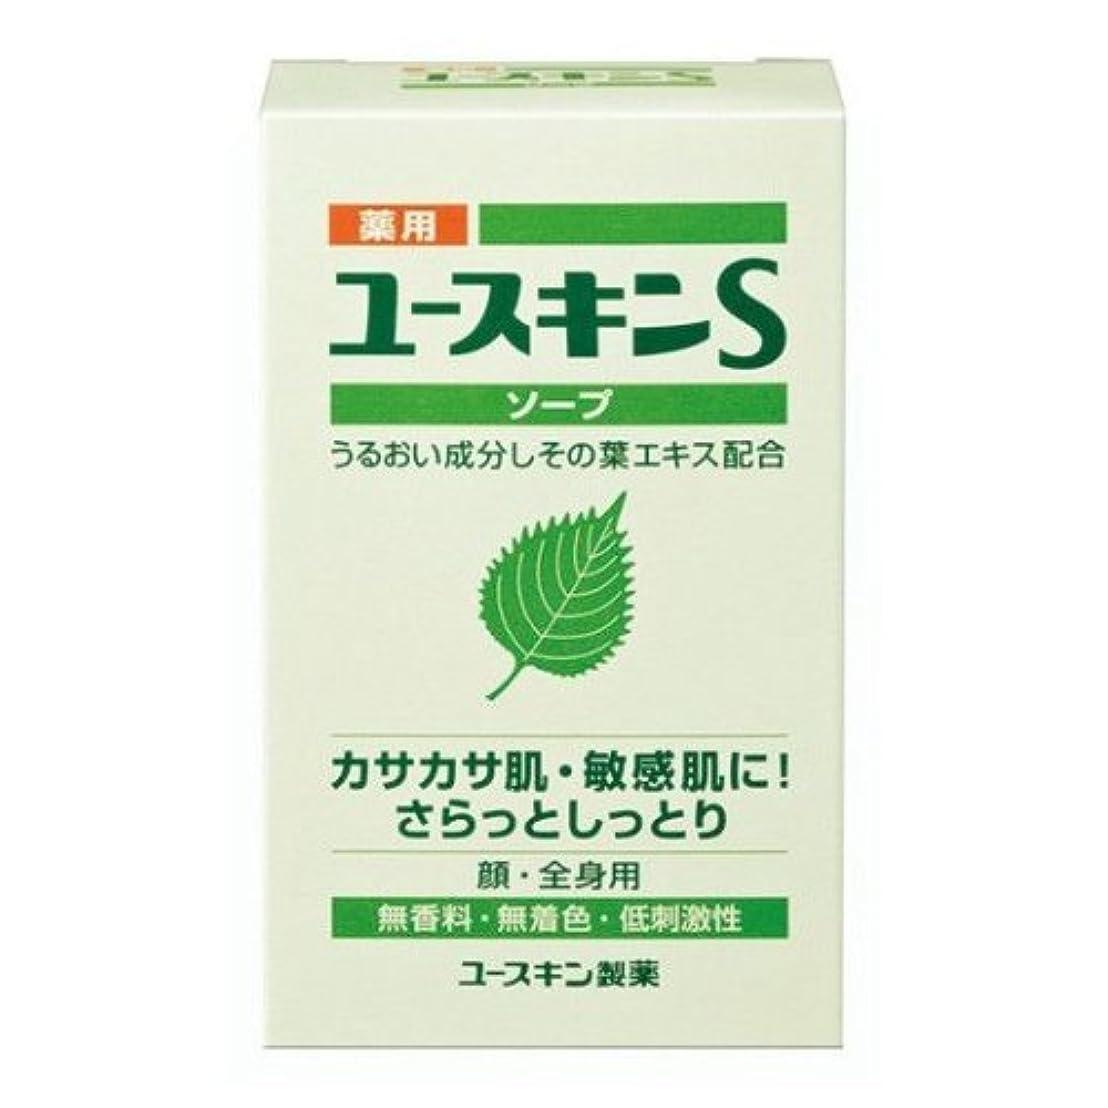 混合吹雪のり薬用ユースキンS ソープ 90g (敏感肌用 透明石鹸) 【医薬部外品】